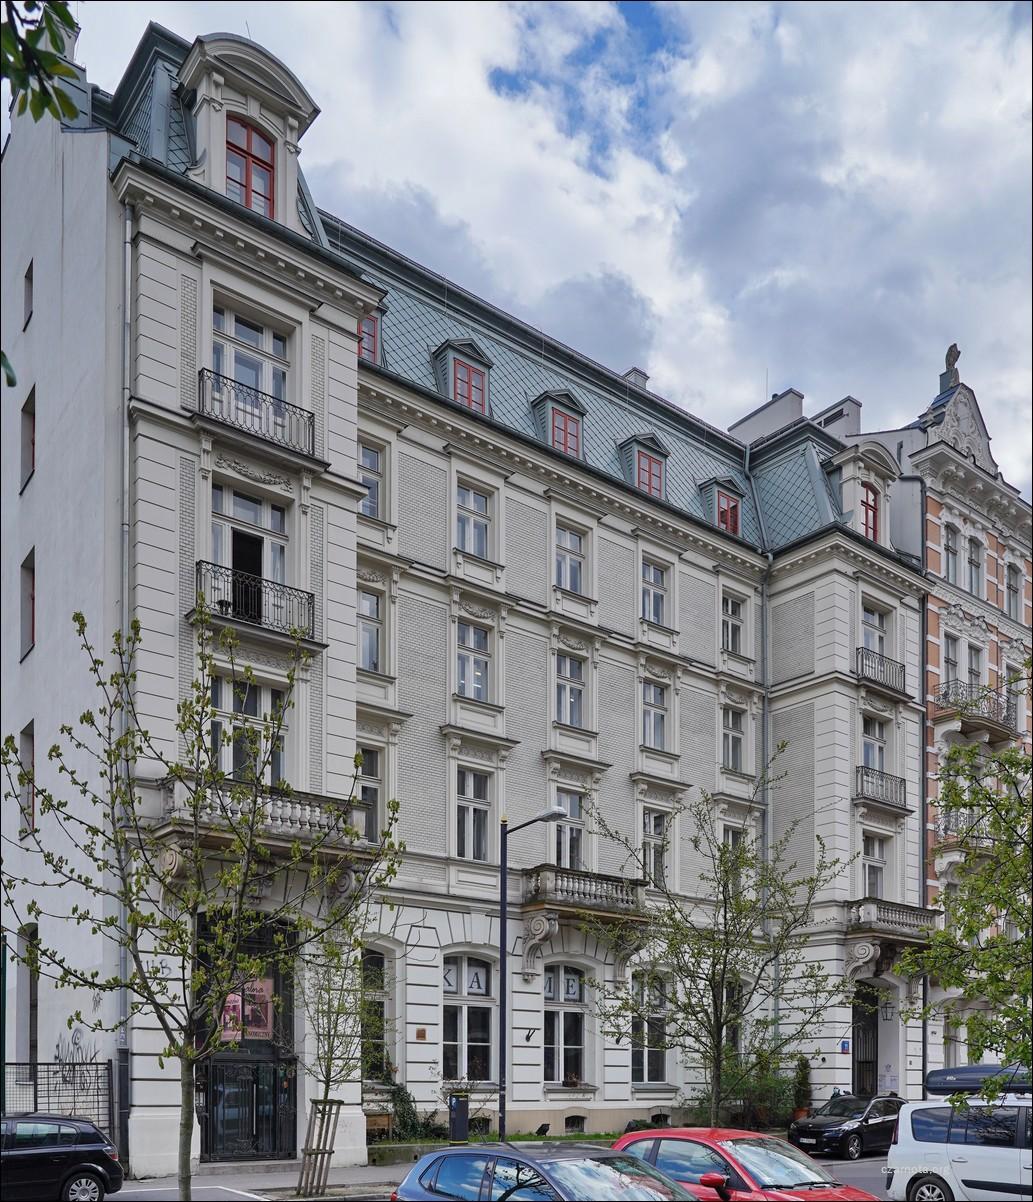 Warszawa, ul. Foksal 11 w 2007 i 2021